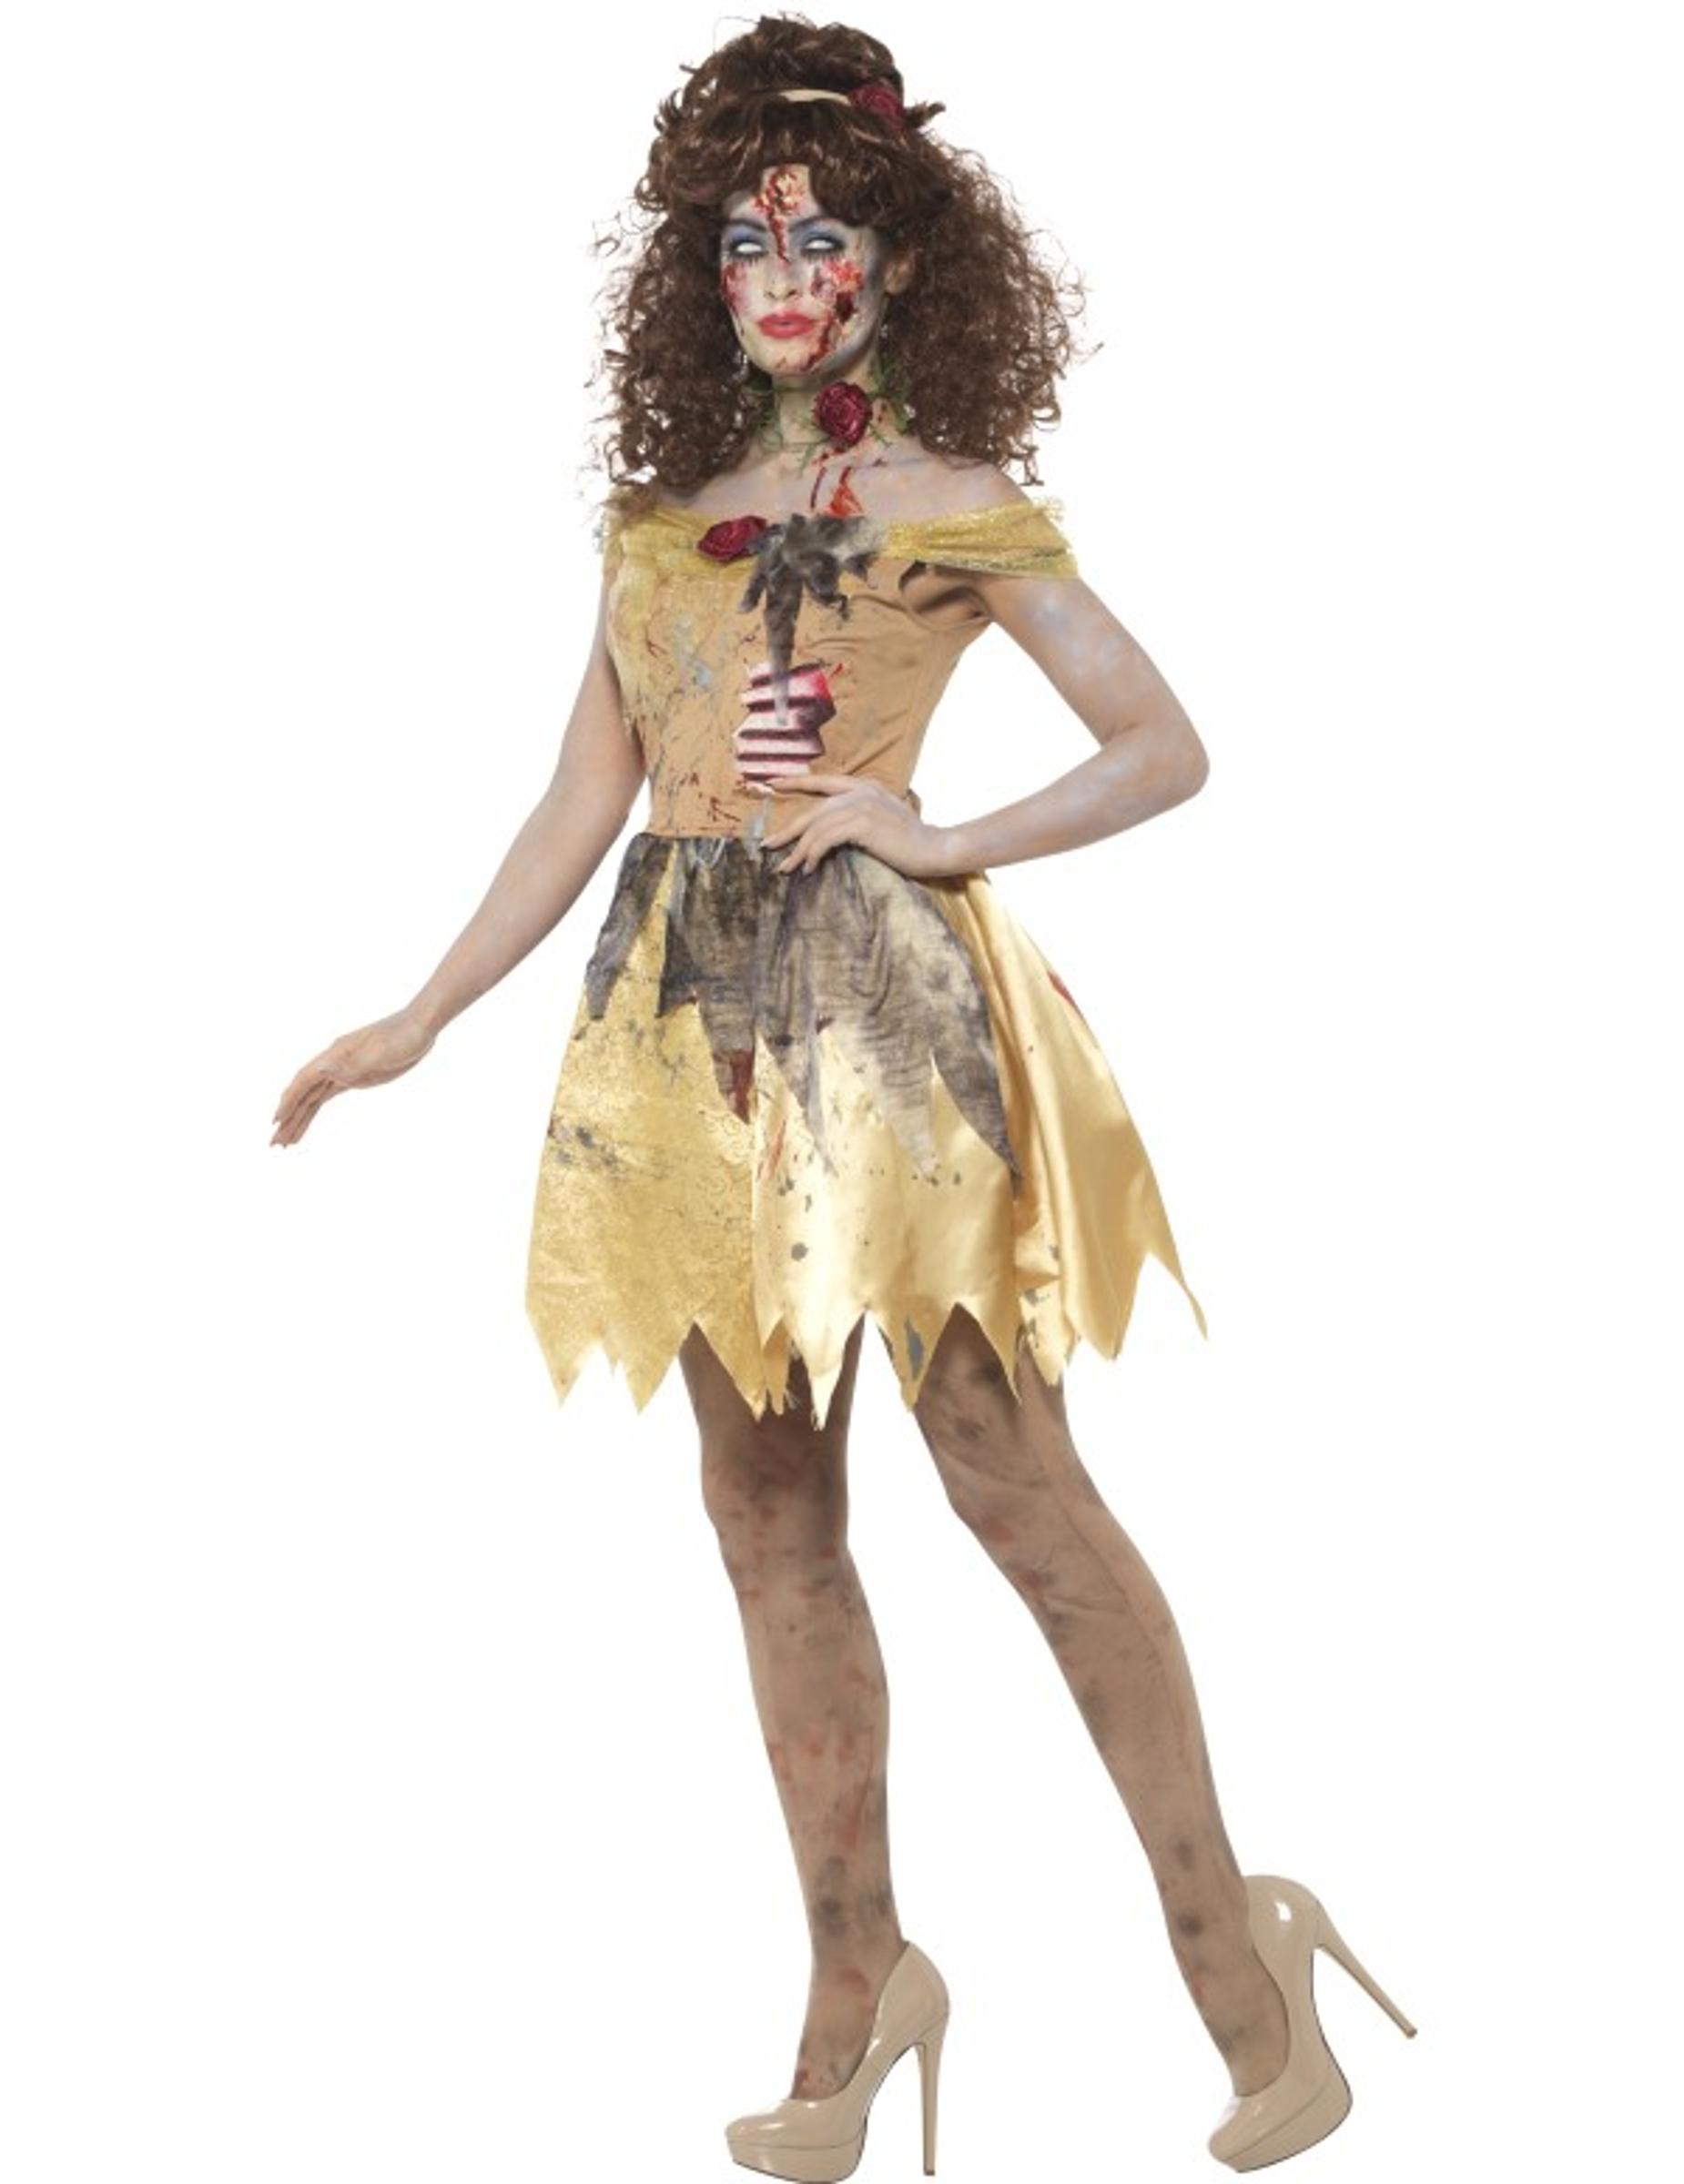 D guisement conte de f es dor zombie femme halloween deguise toi achat de d guisements adultes - Deguisement zombie femme ...